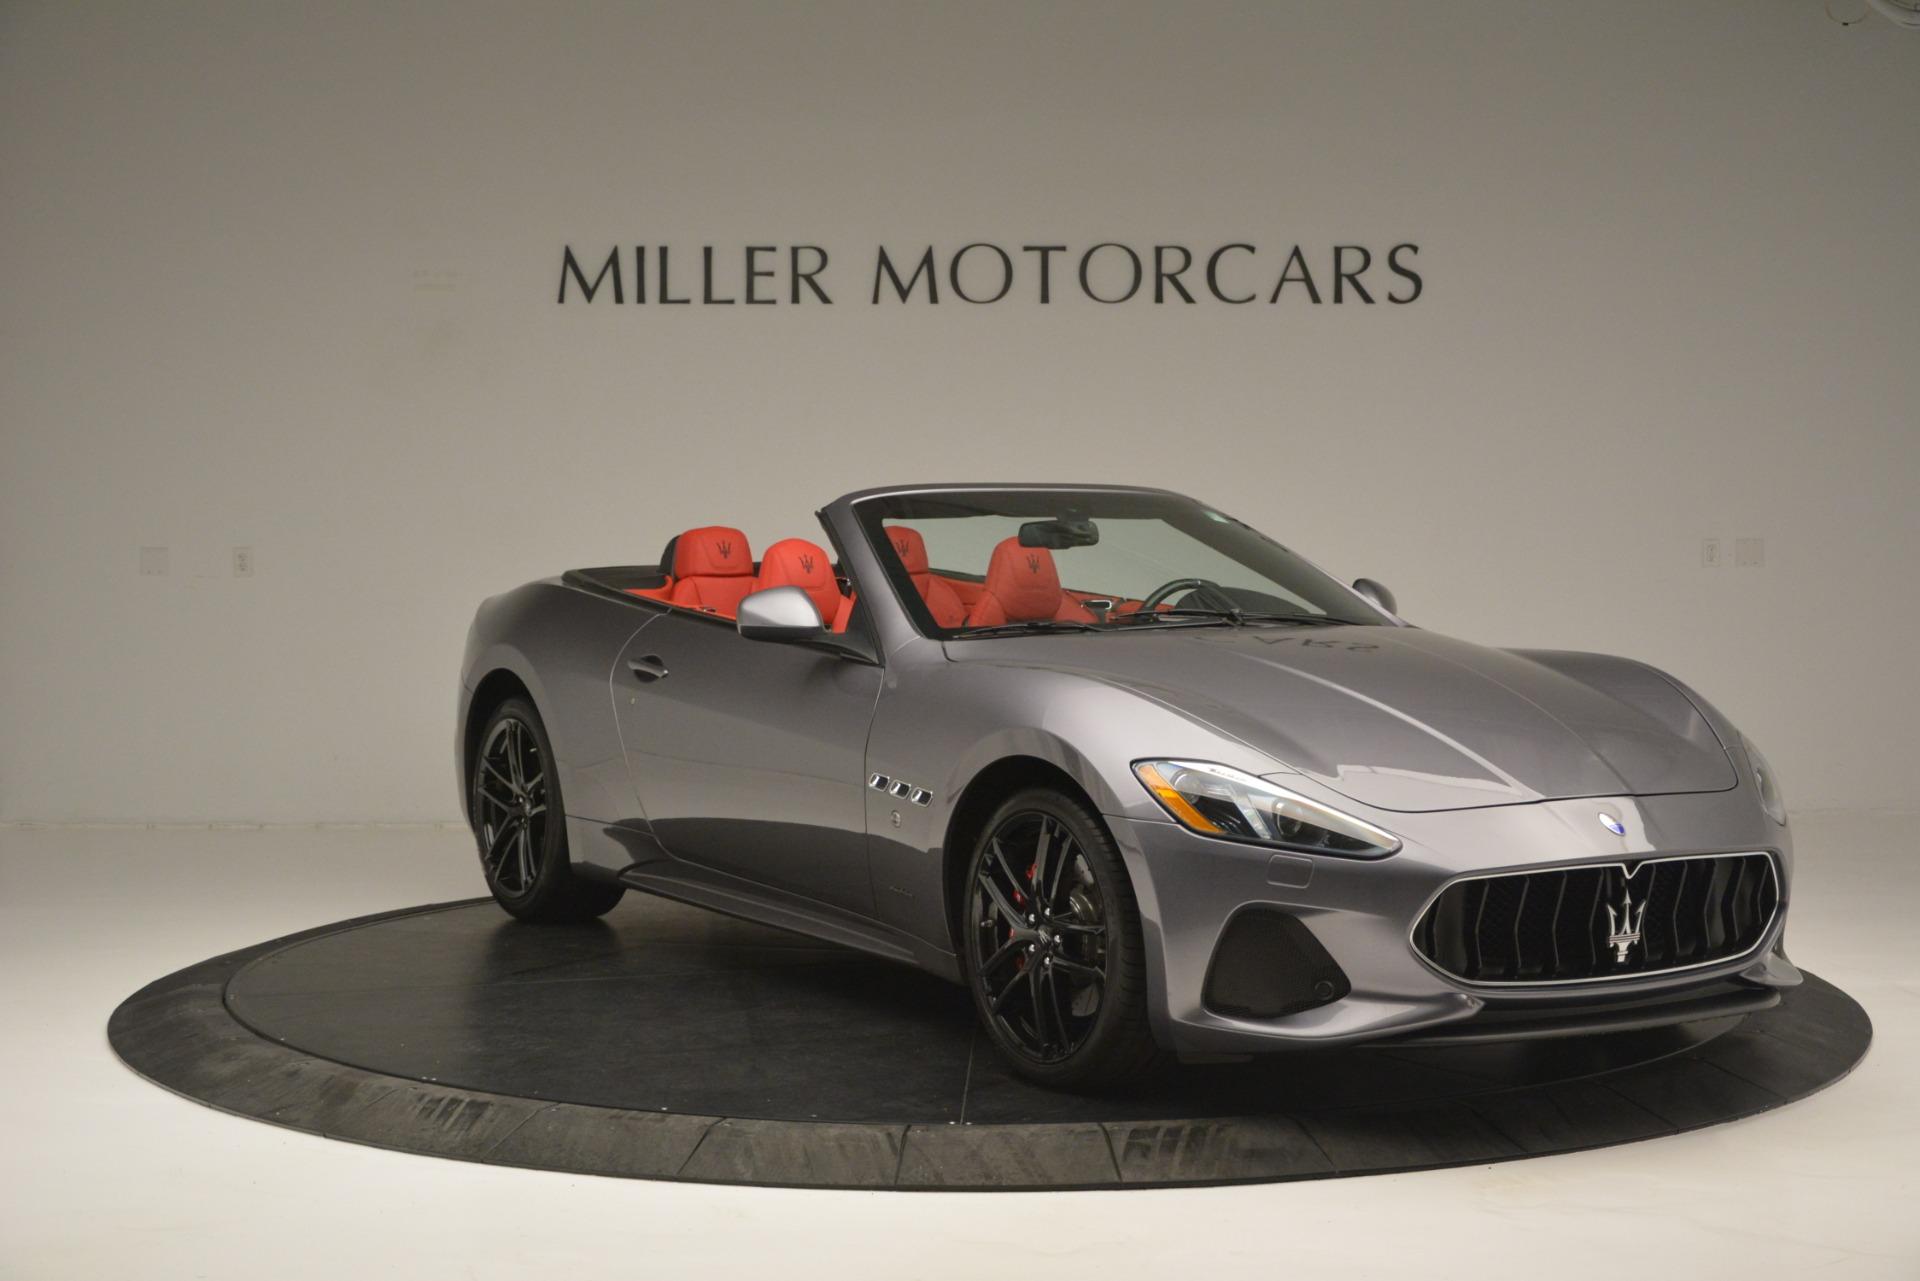 Used 2018 Maserati GranTurismo Sport For Sale In Westport, CT 2637_p9